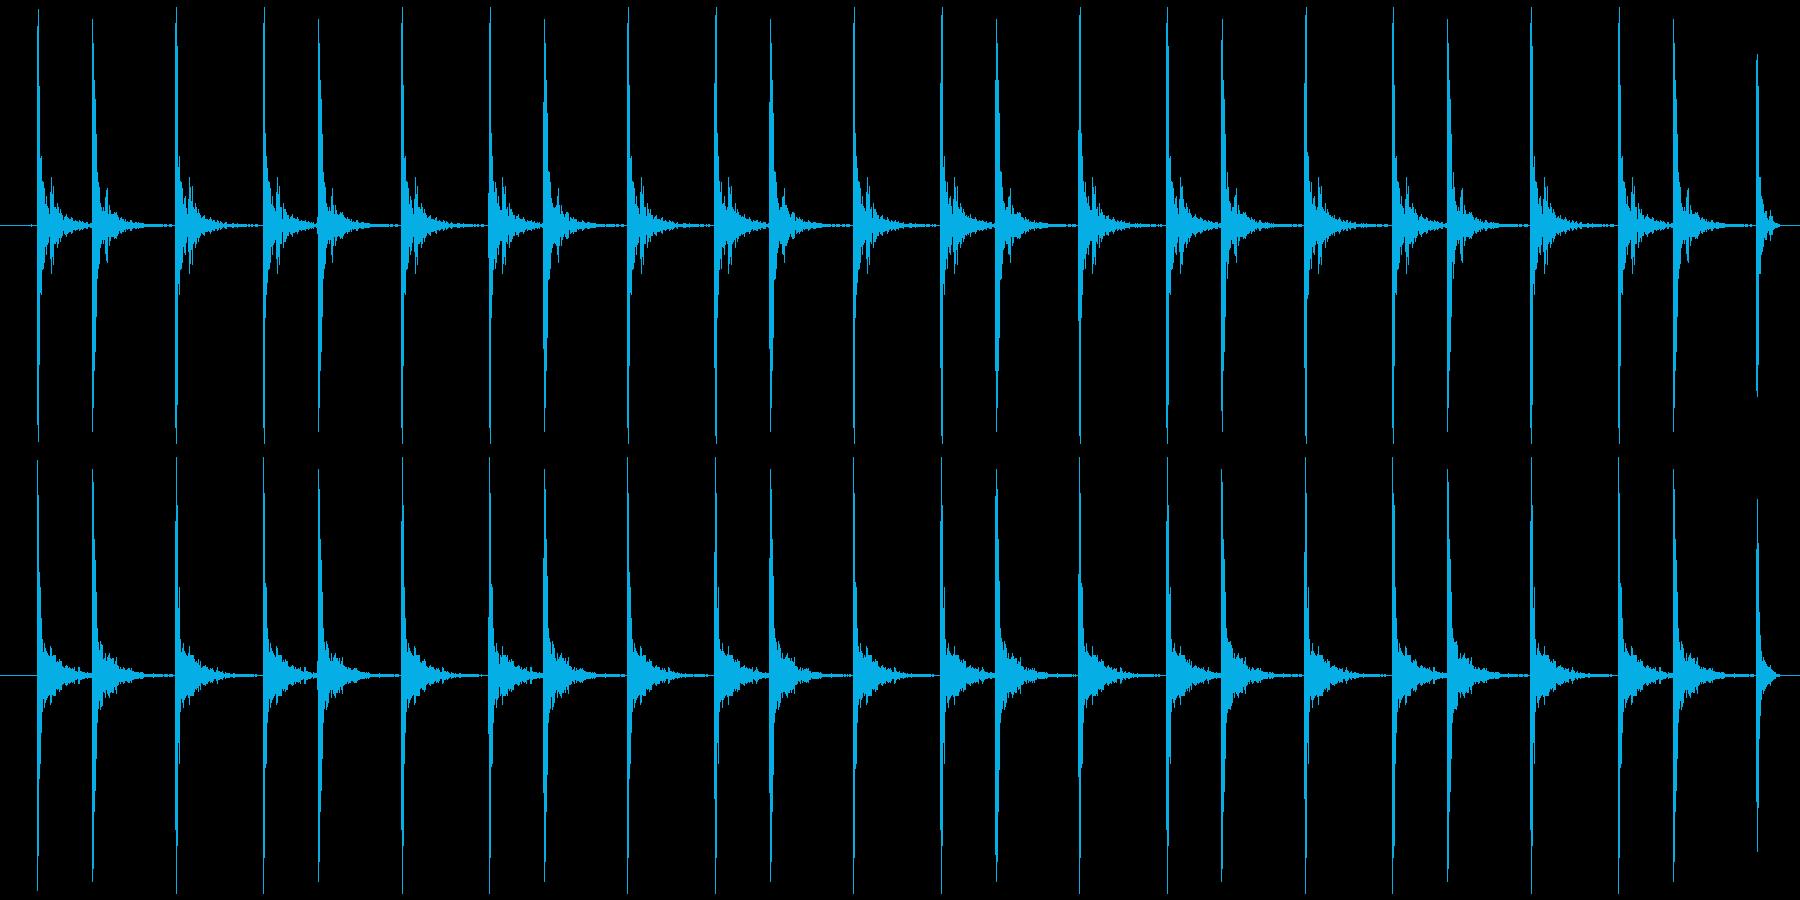 震える慌てる カタカタカタ…の再生済みの波形